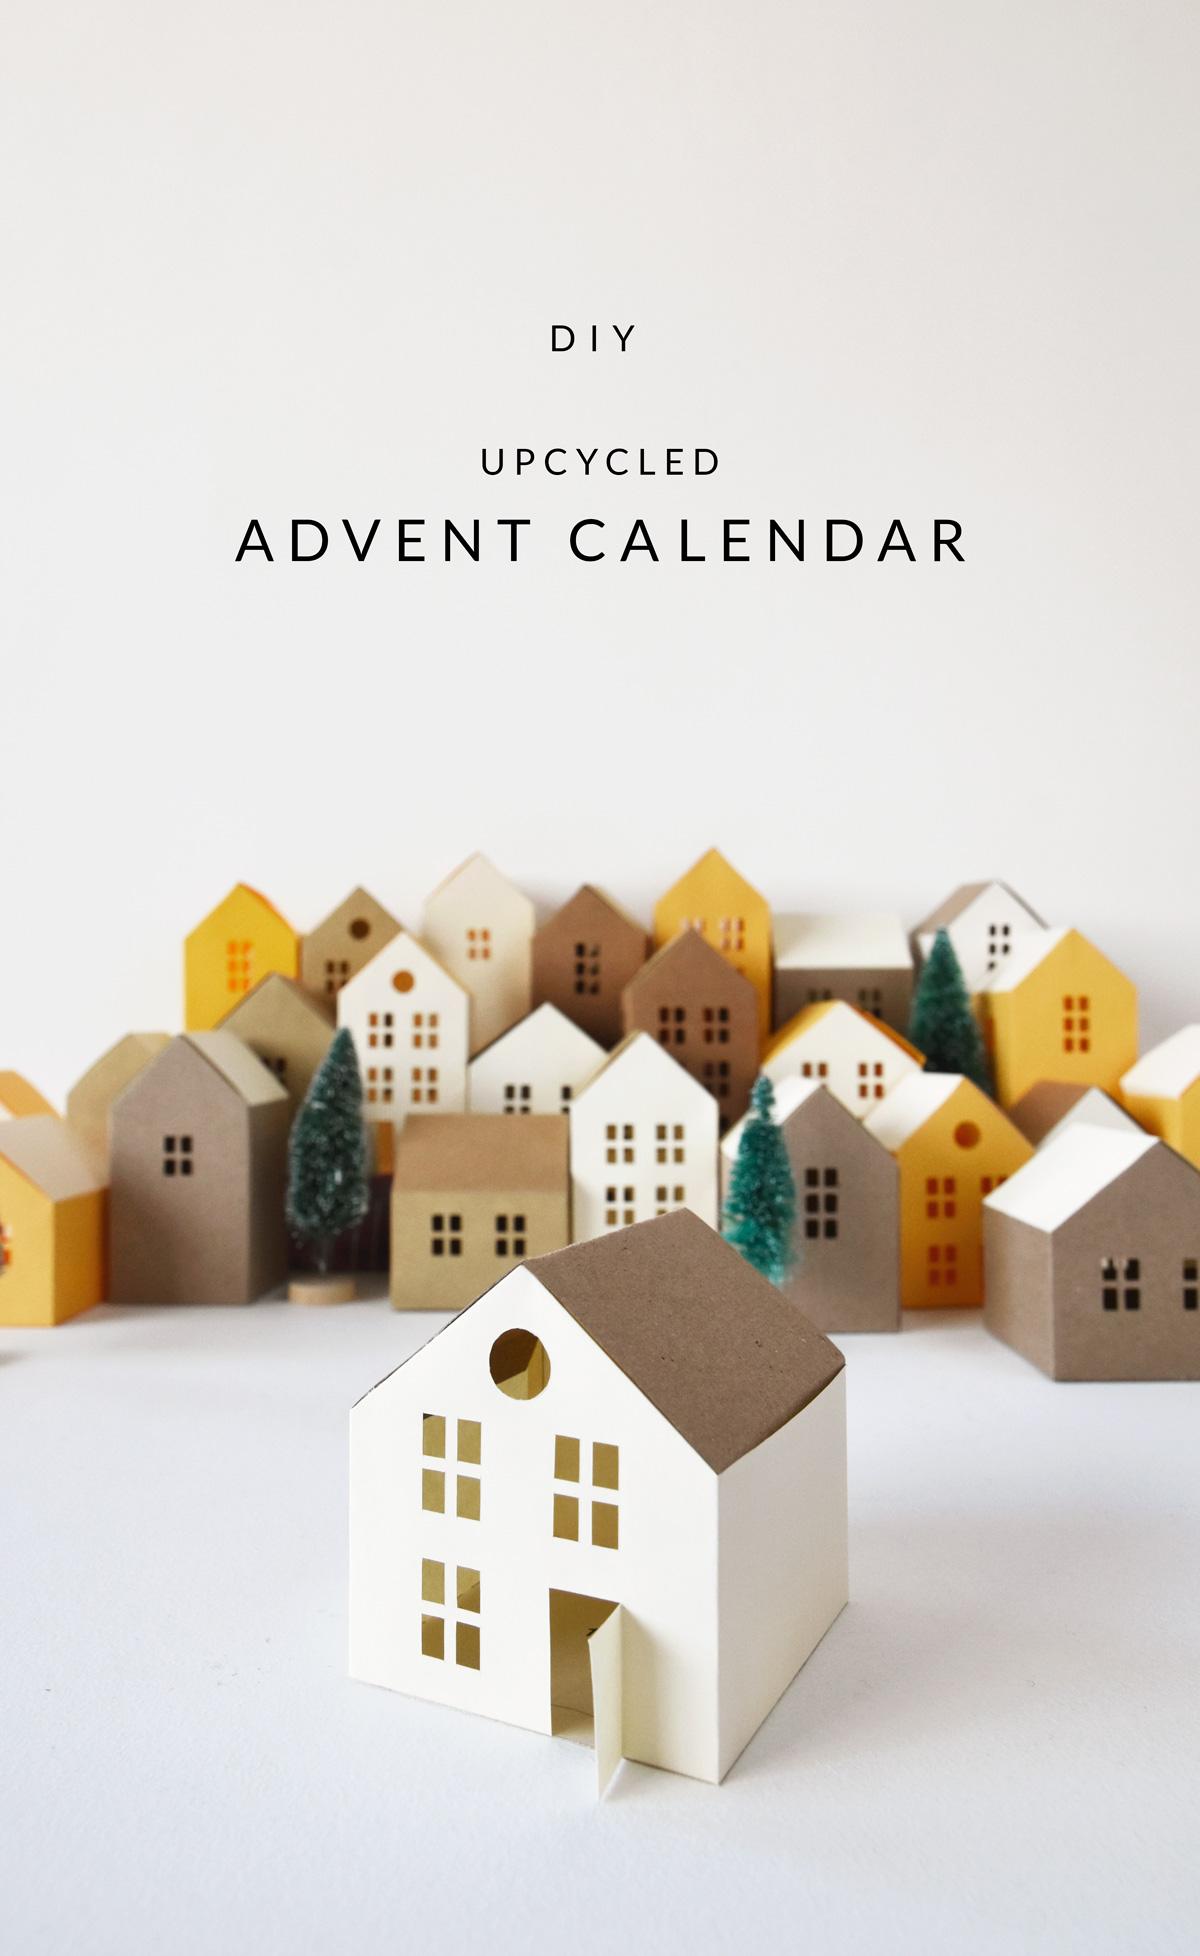 DIY upcycled advent calendar